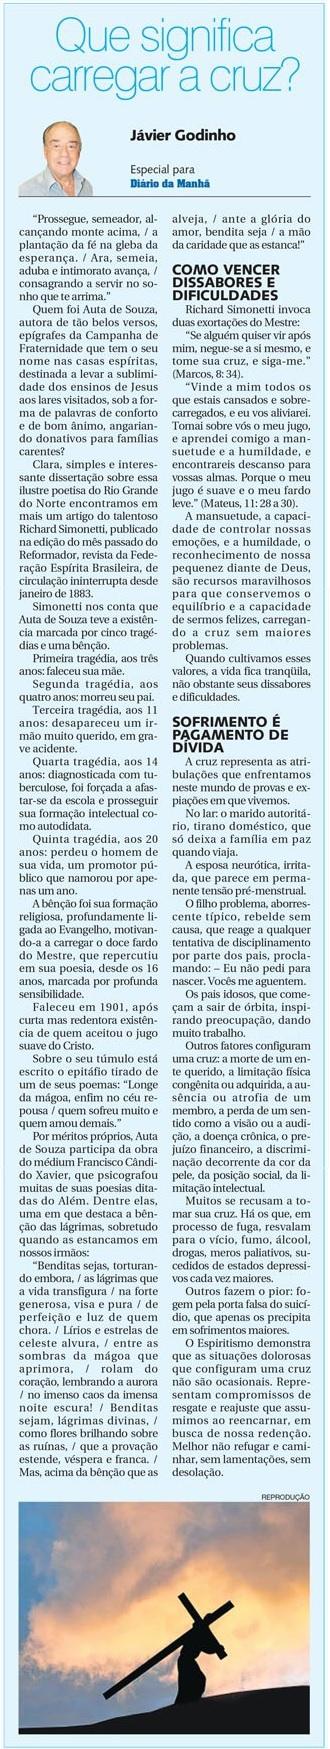 DM 14-01-2015 - Que significa carregar a cruz - Jávier Godinho